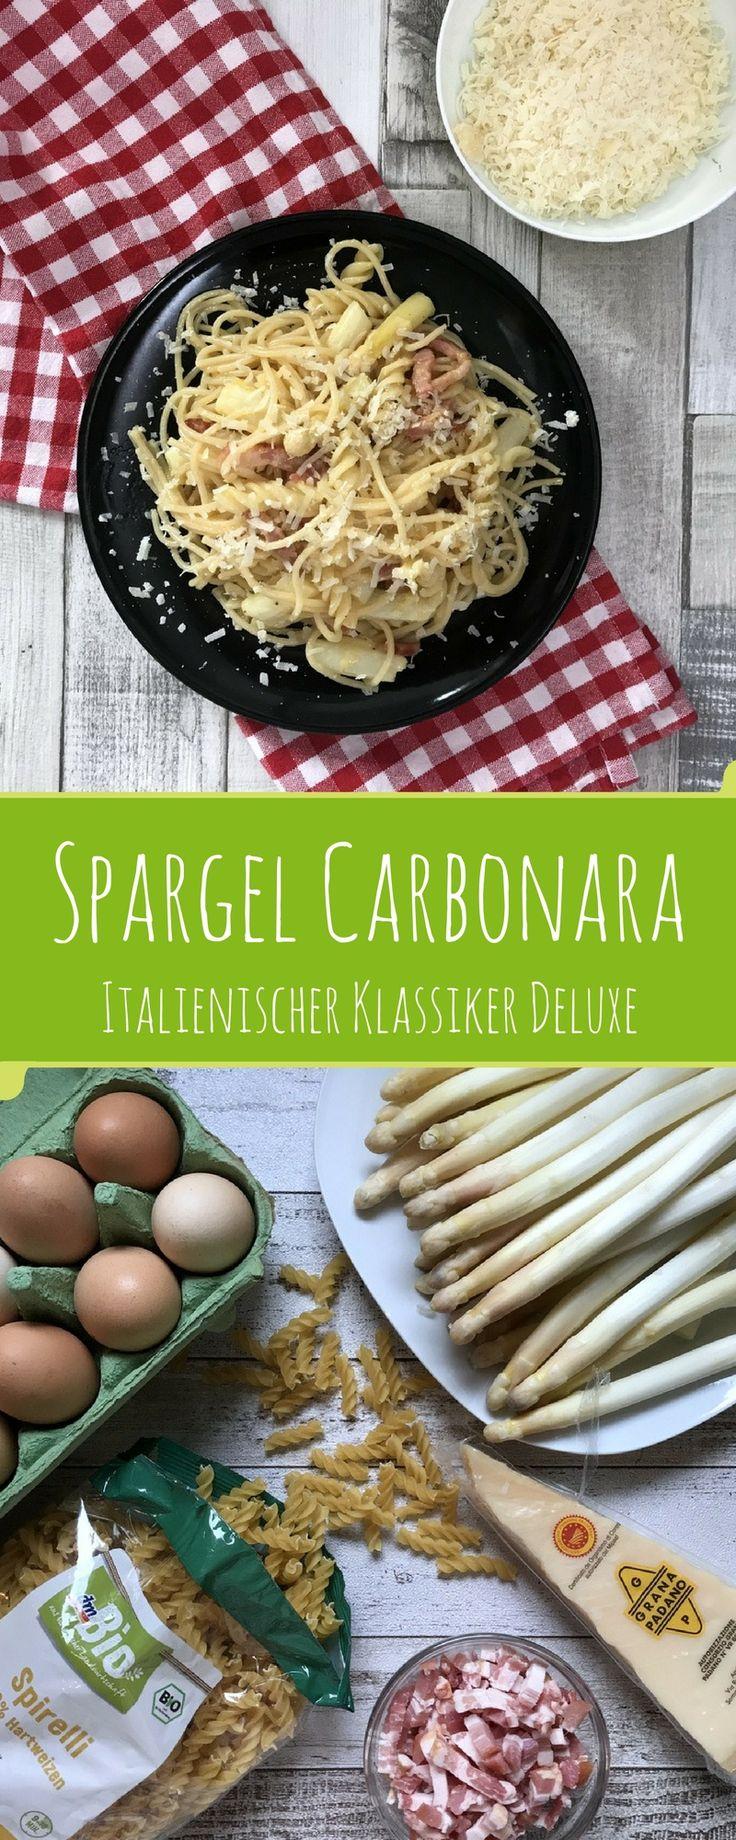 Der italienische Klassiker in der Deluxe-Version mit Spargel. Ein Gaumenschmaus für alle Fans von Spargel, Nudeln und Speck!